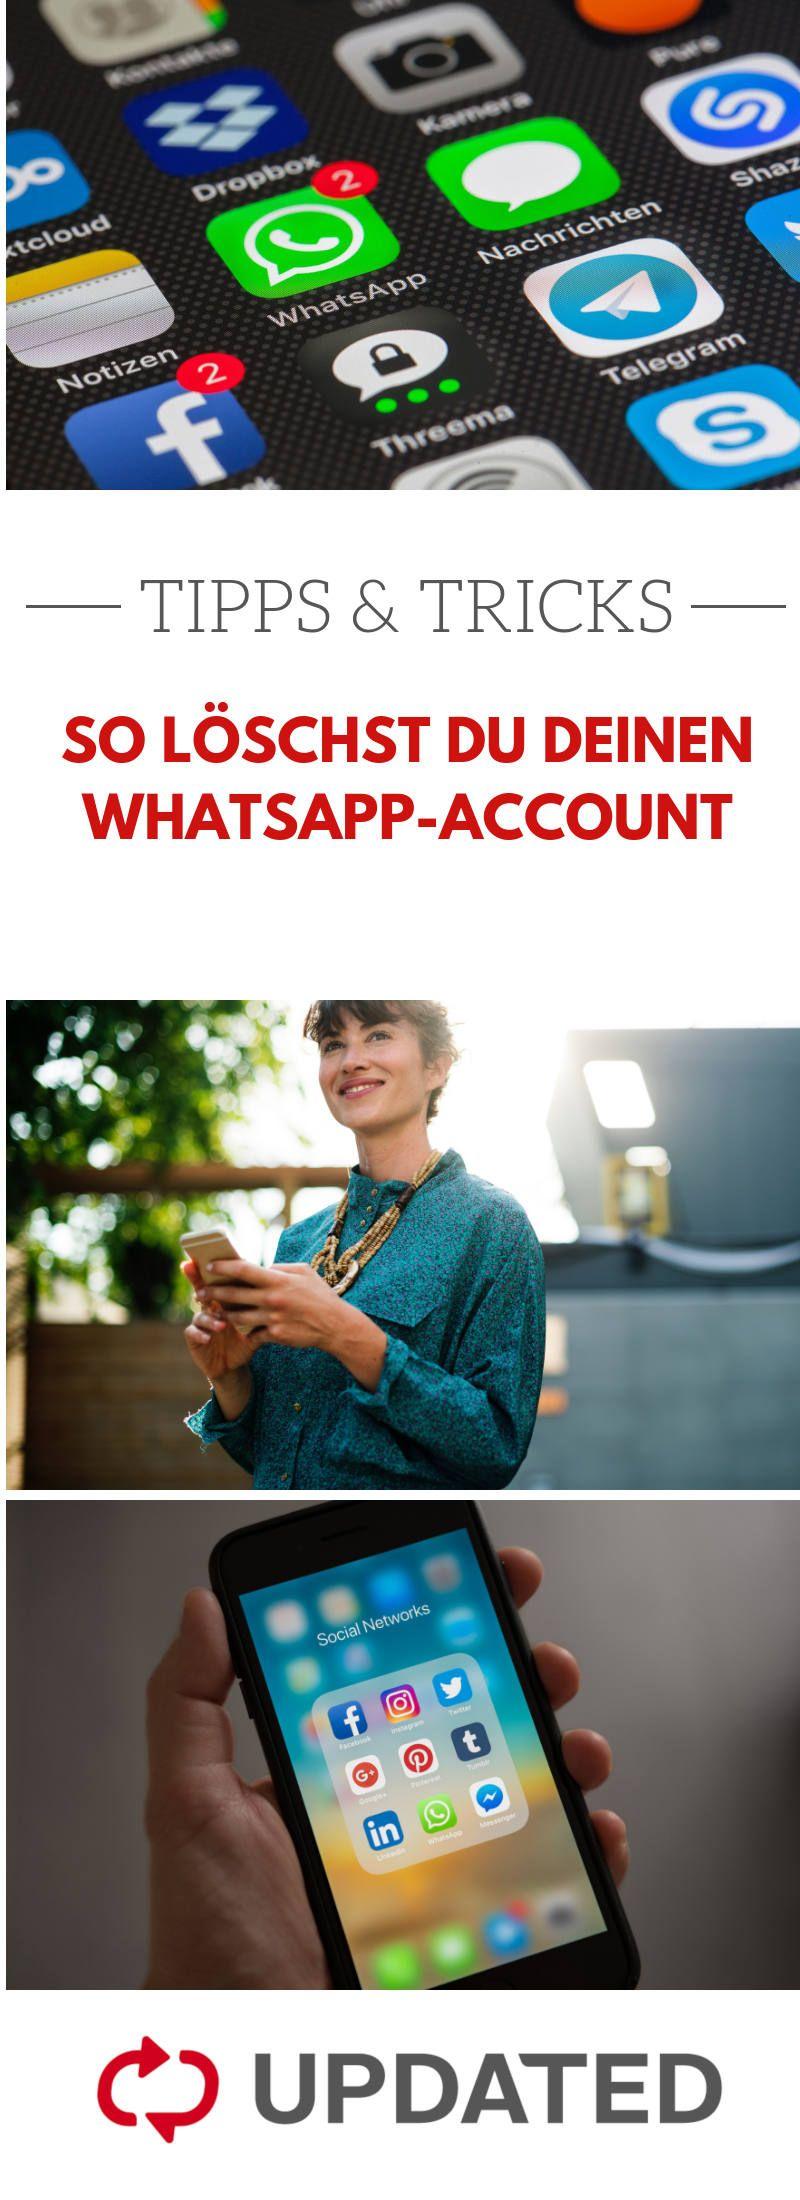 Du willst Whatsapp nicht länger nutzen? UPDATED erklärt